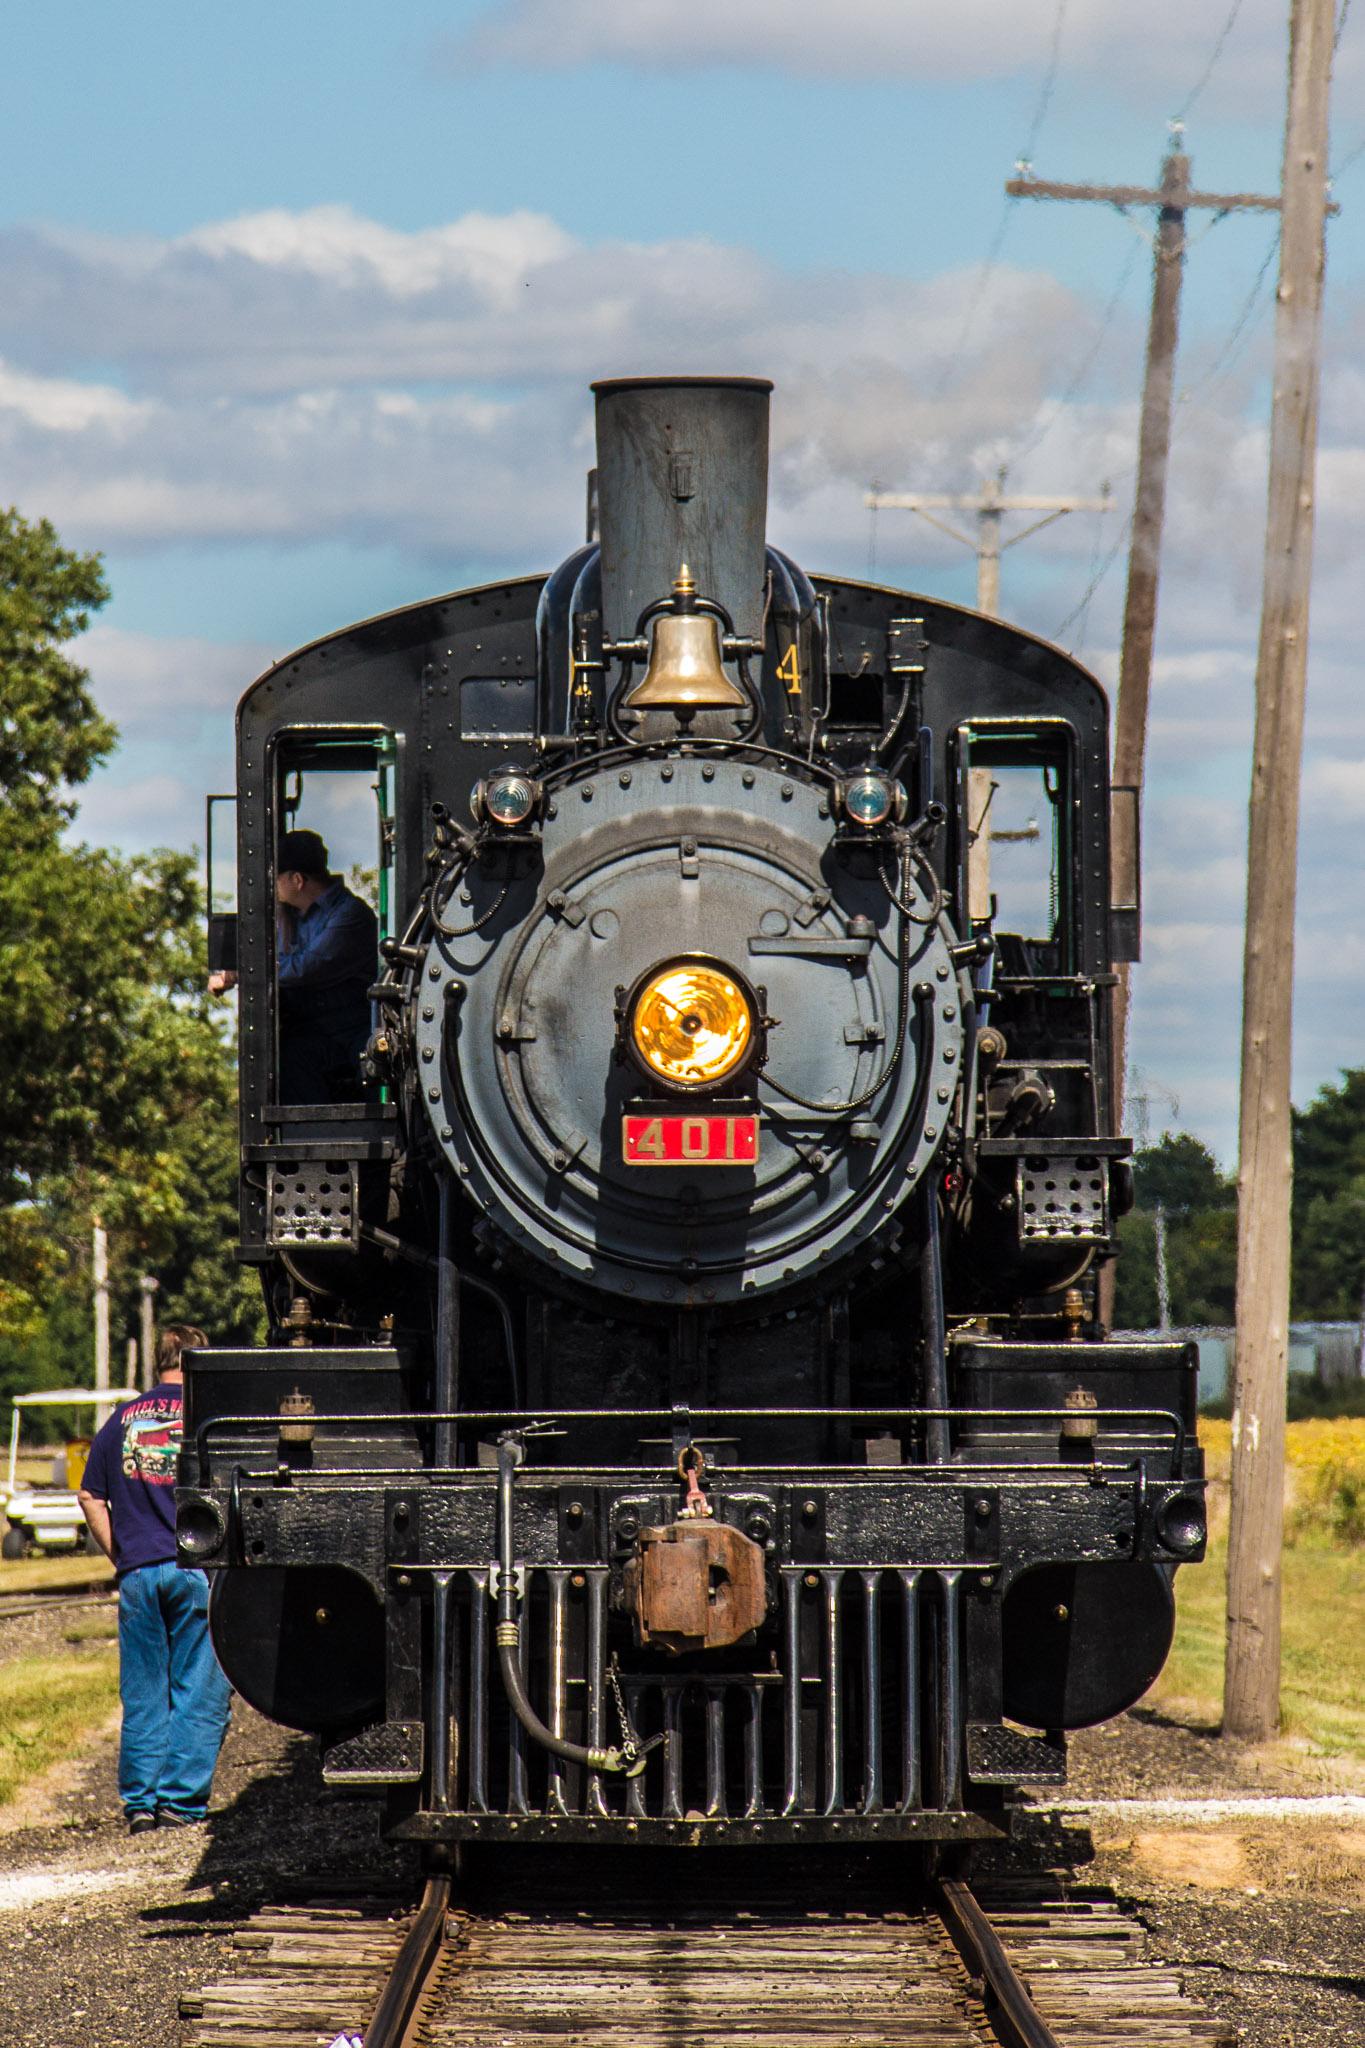 Illinois piatt county cisco - Railroad Museum Train Canon Illinois Unitedstates Engine Railway Steam Dslr Monticello T3i 2013